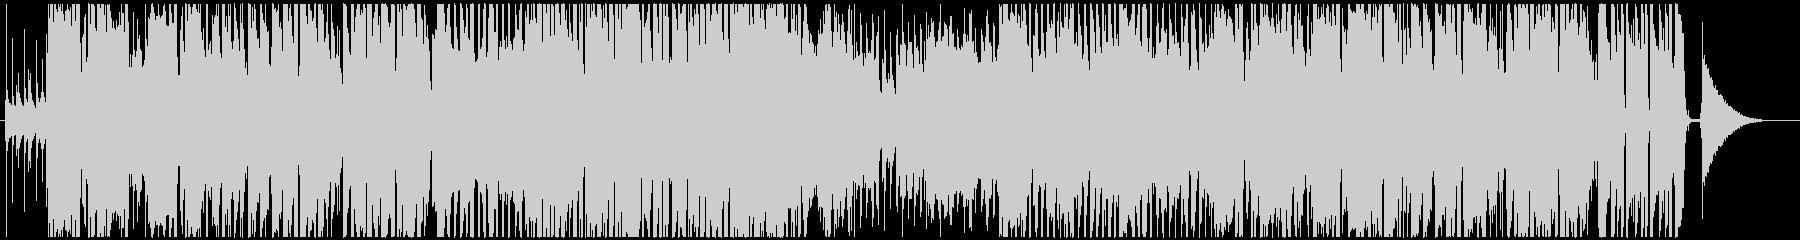 追跡や調査などによく合うジャズ風BGMの未再生の波形